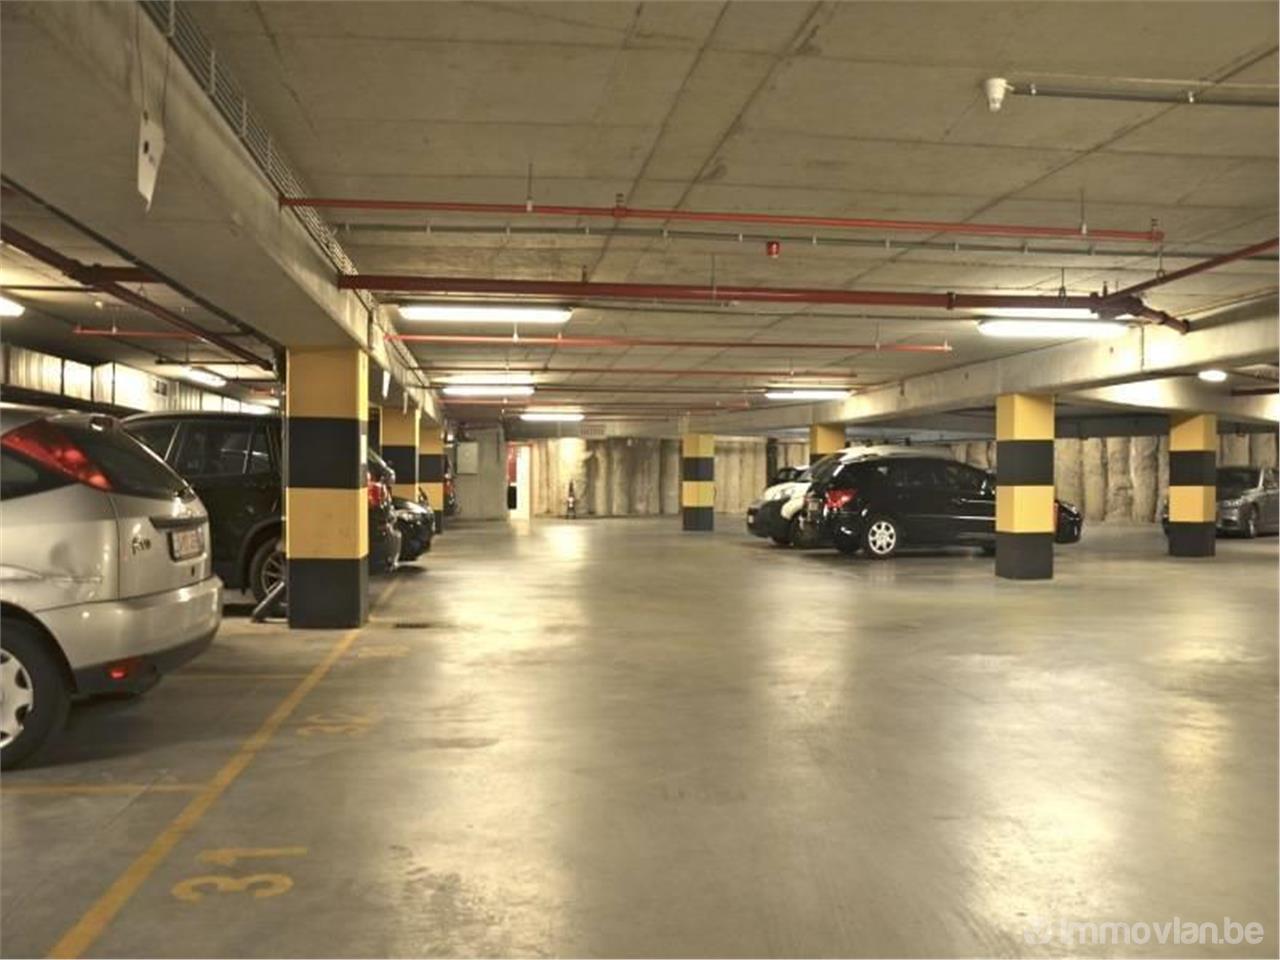 Garage rue paul devaux 8 bruxelles - Garage a louer bruxelles ...